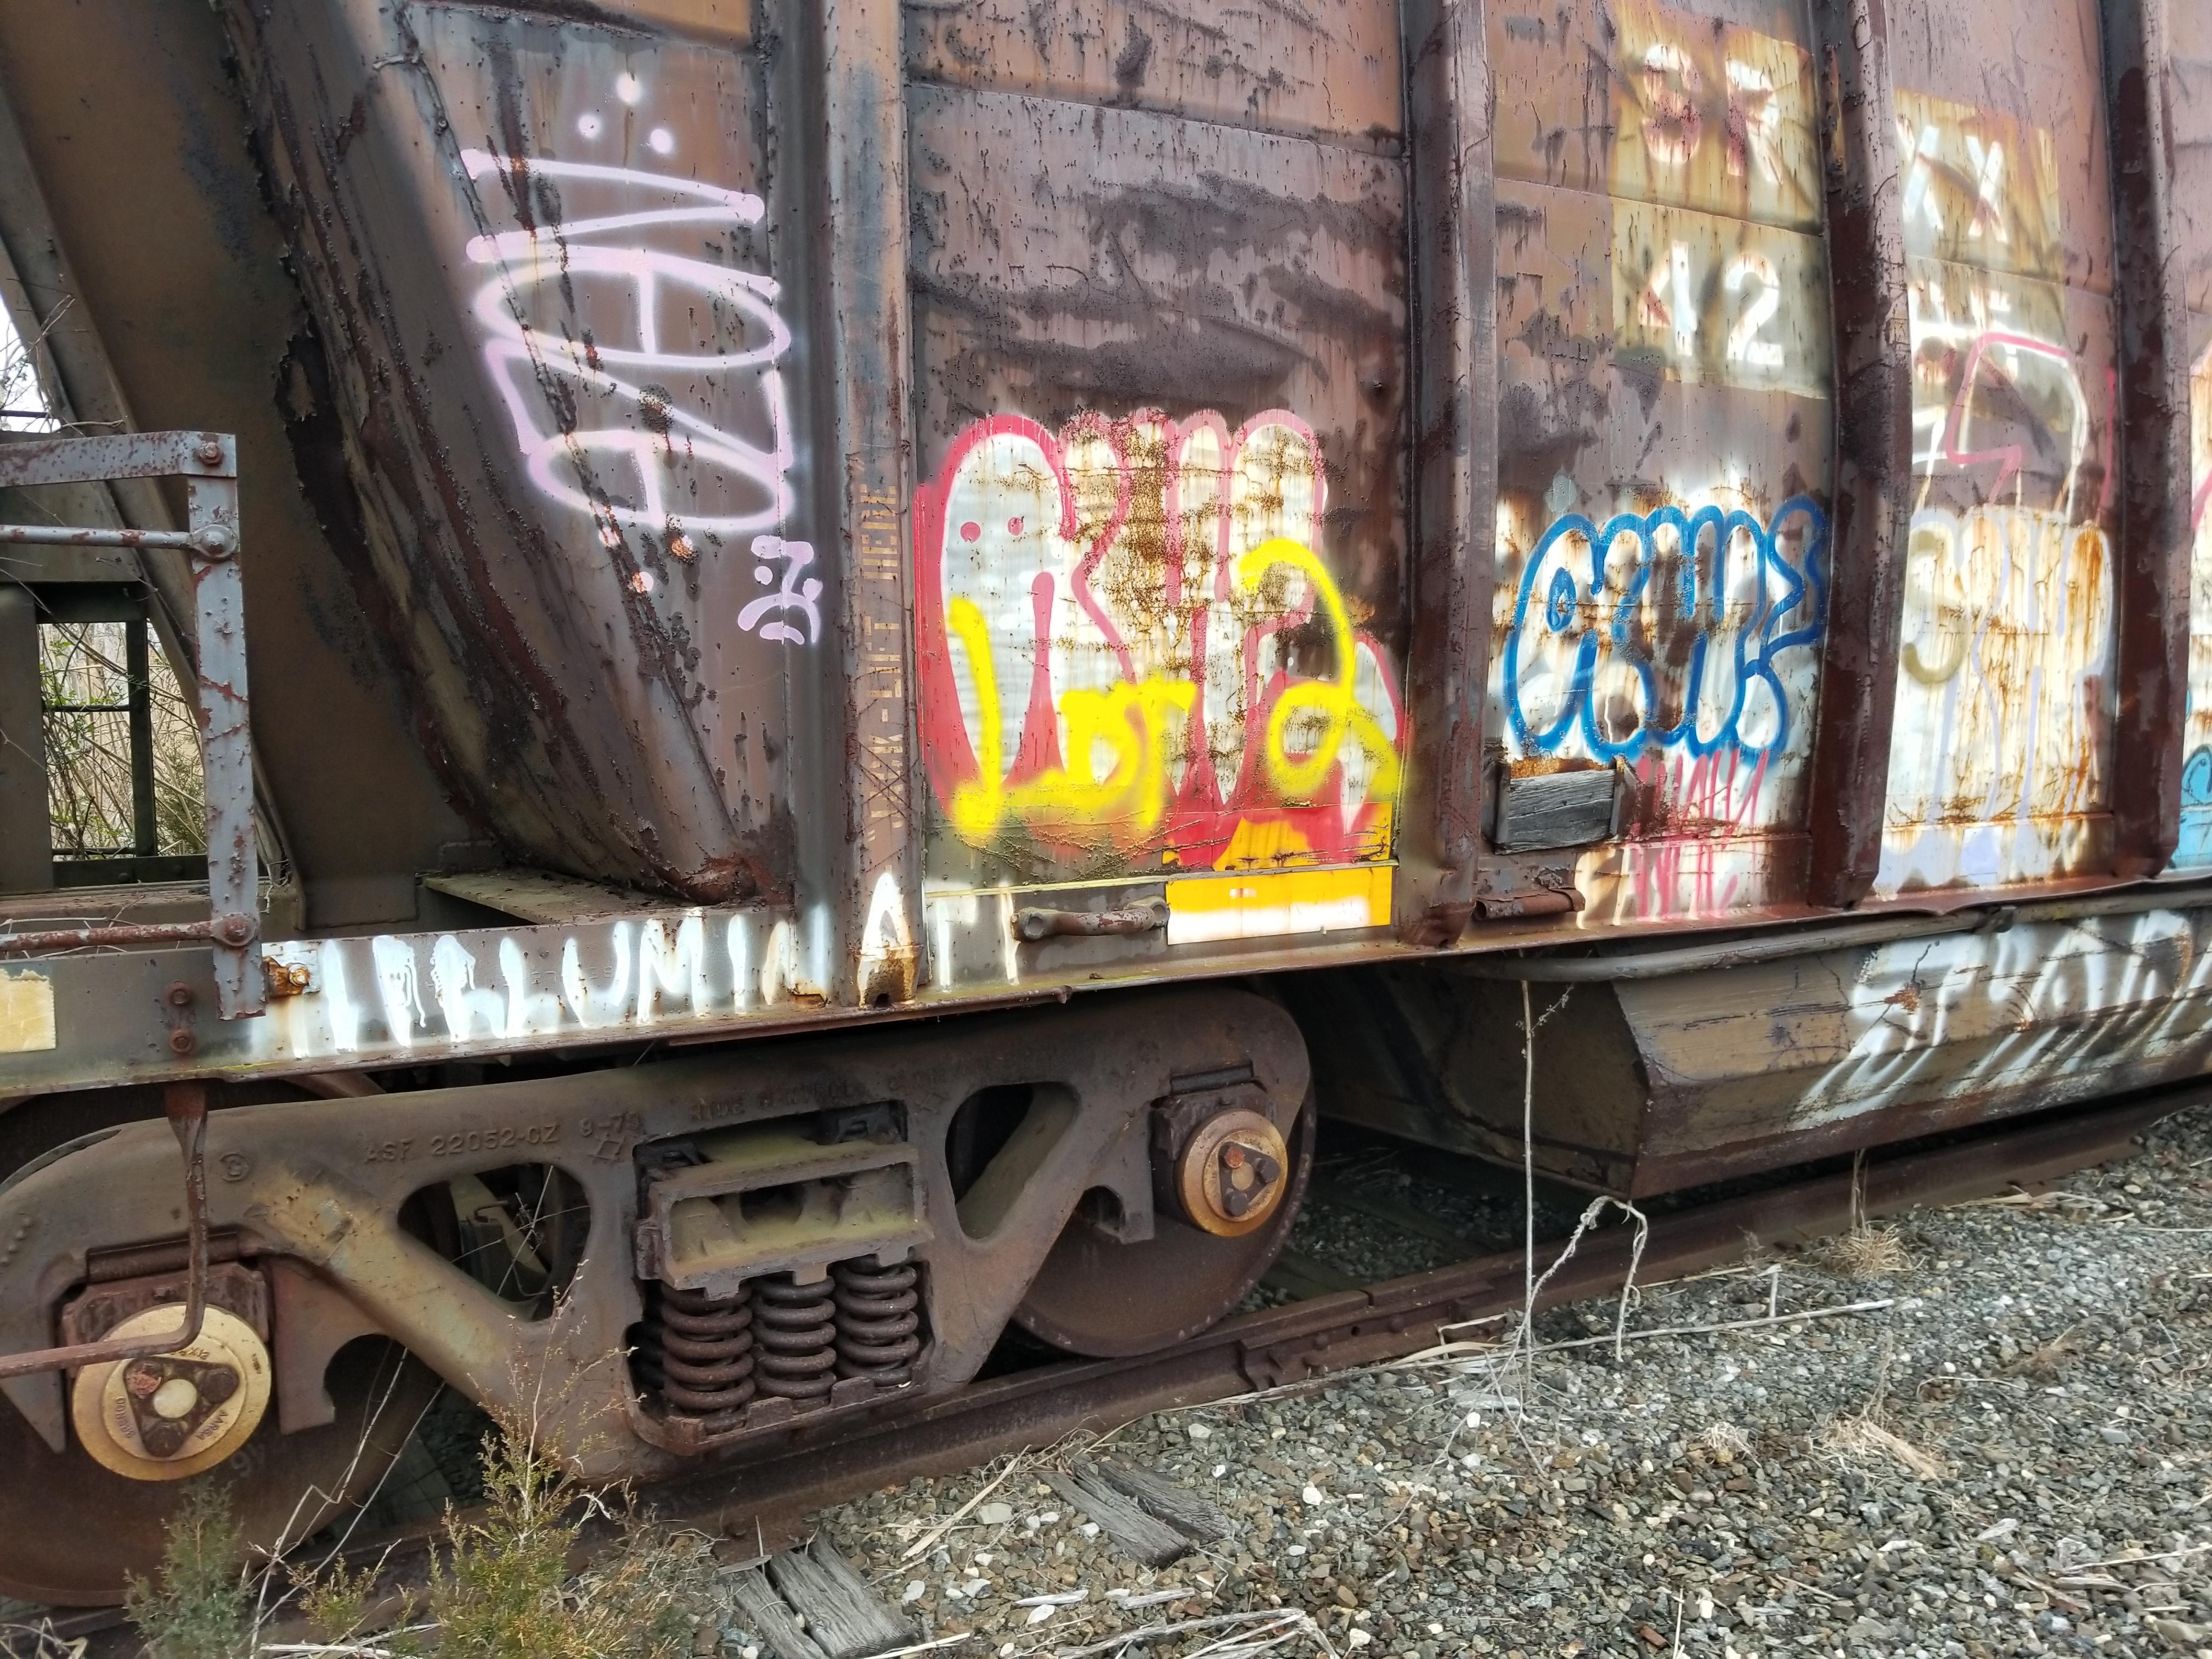 Lot 2 - LOT 2 - (X 6) BATH TUB BELLY GONDOLA RAIL CARS (CAPE MAY, NJ) (2-1) SRXX 4207 BATH TUB BELLY GONDOLA